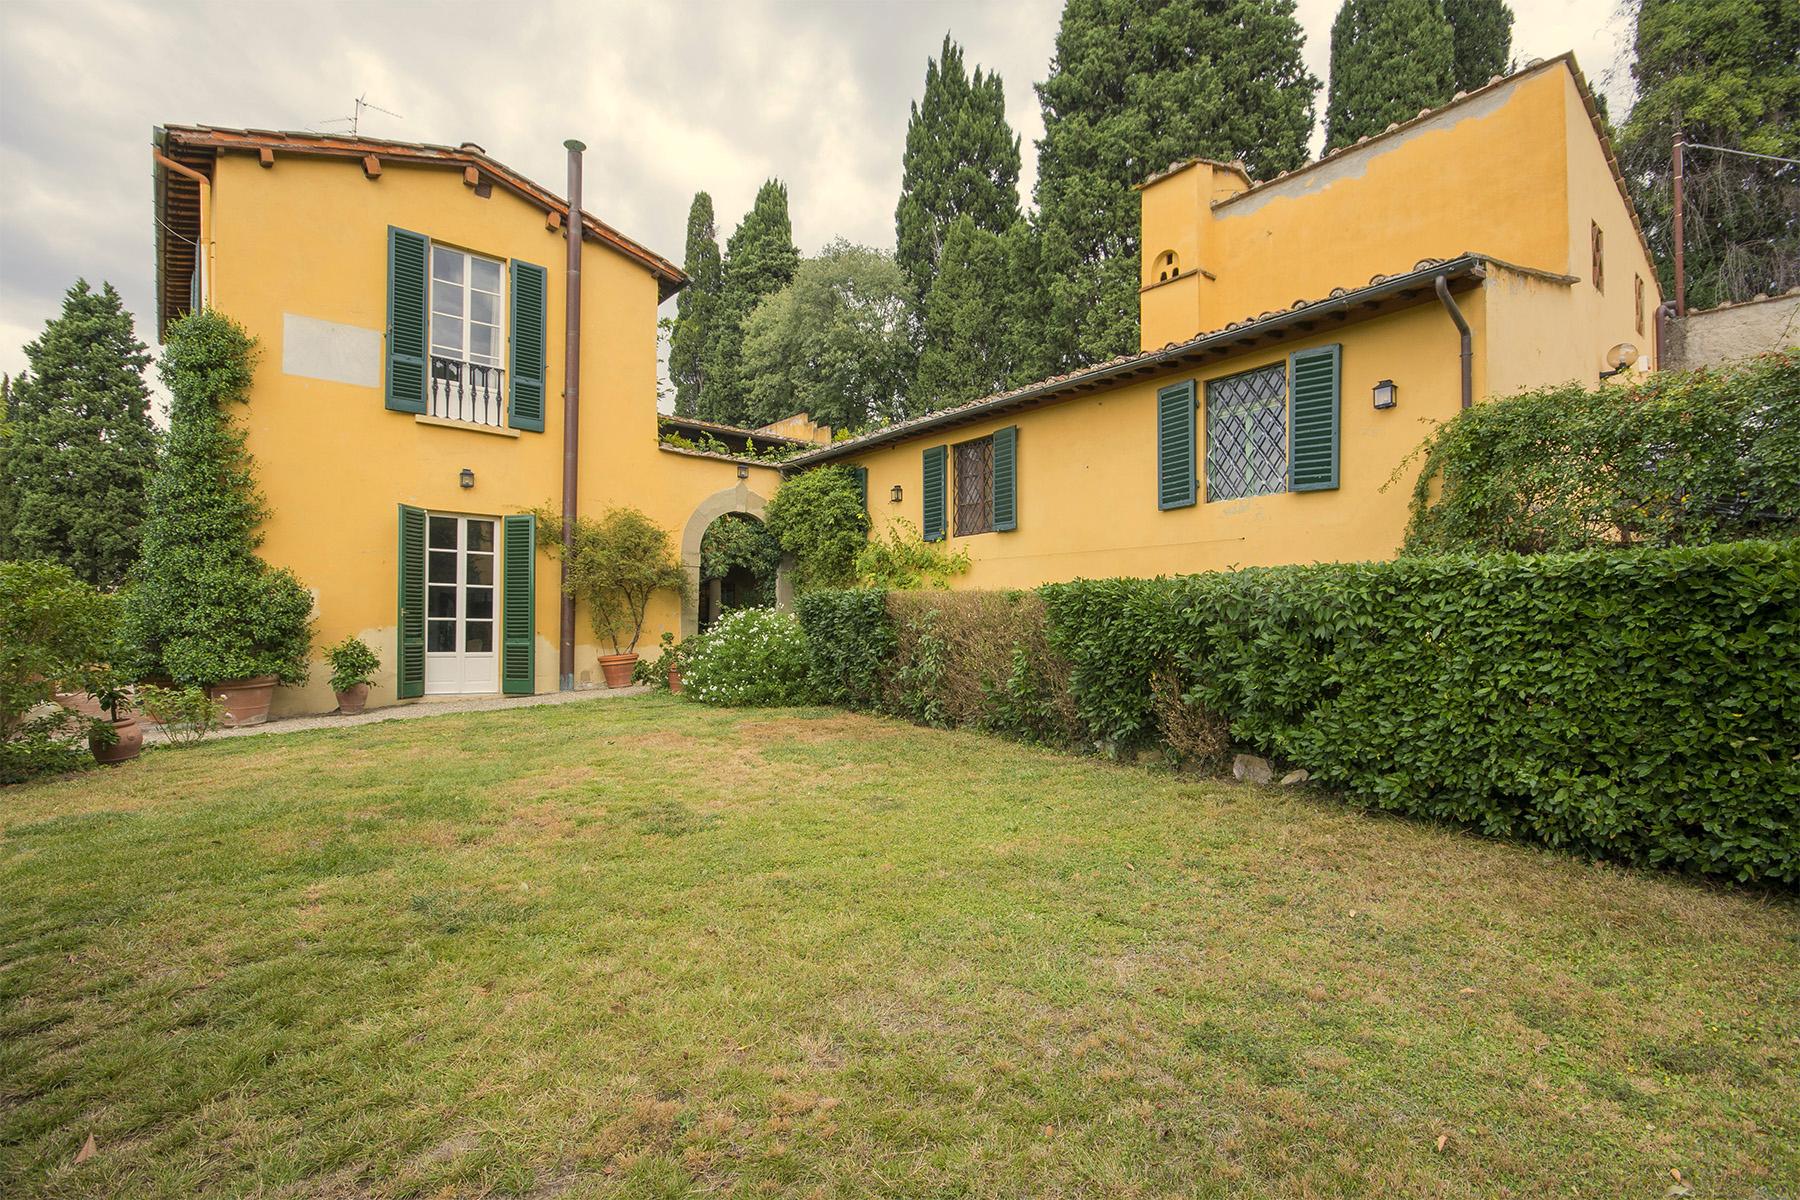 Villa in Vendita a Firenze: 5 locali, 680 mq - Foto 3